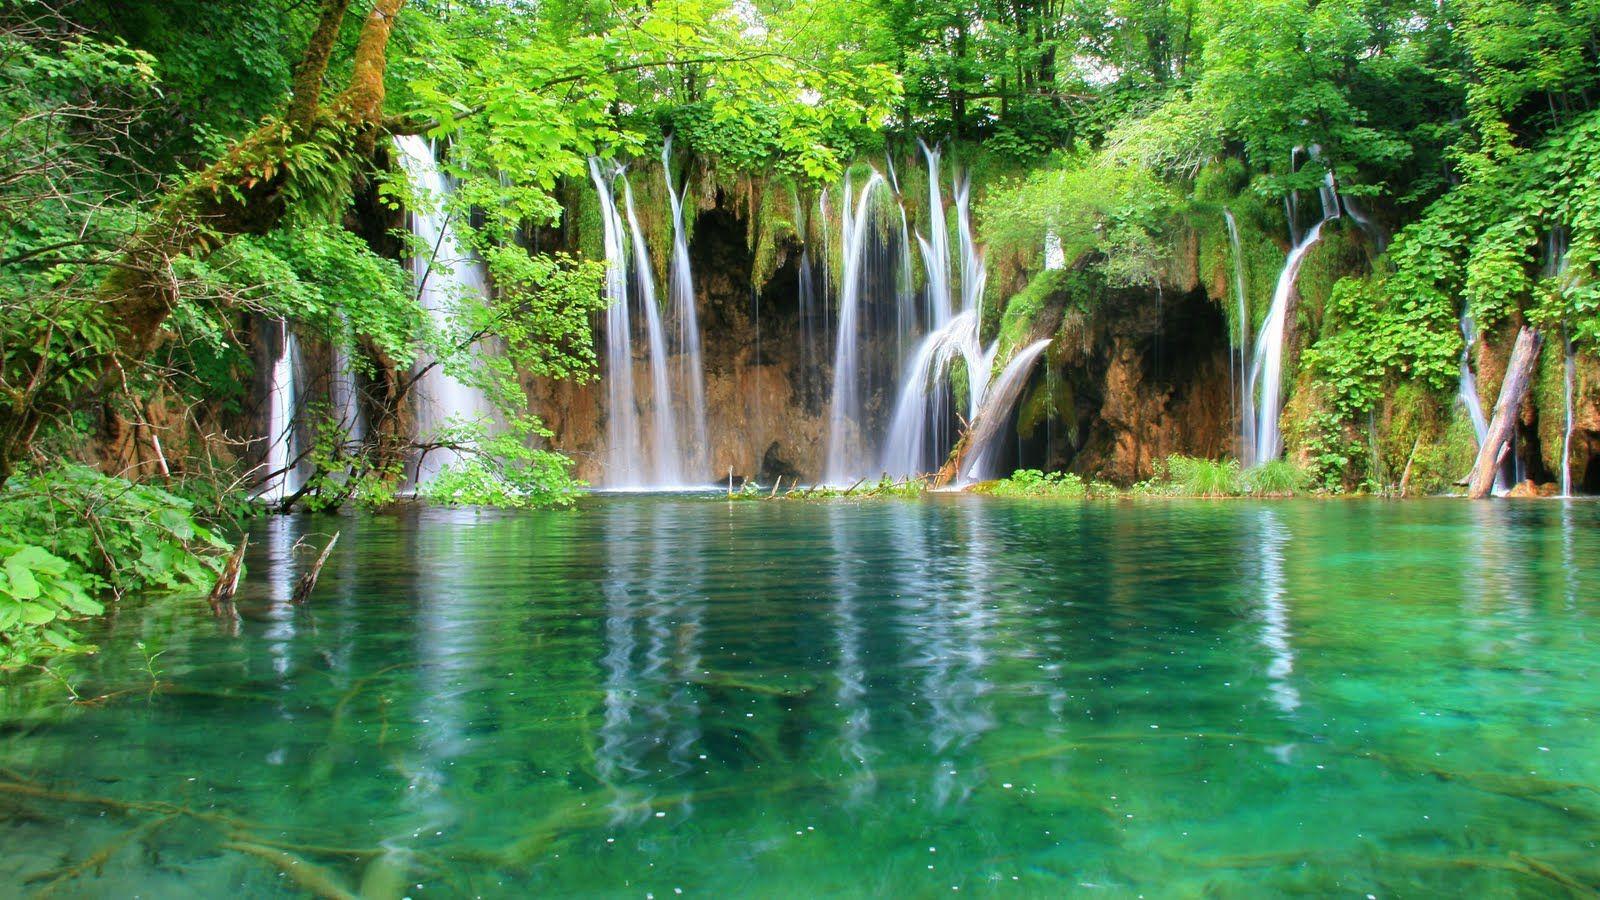 Fotos De Paisajes Naturales De Taringa Les Dejo Estas Bonitas